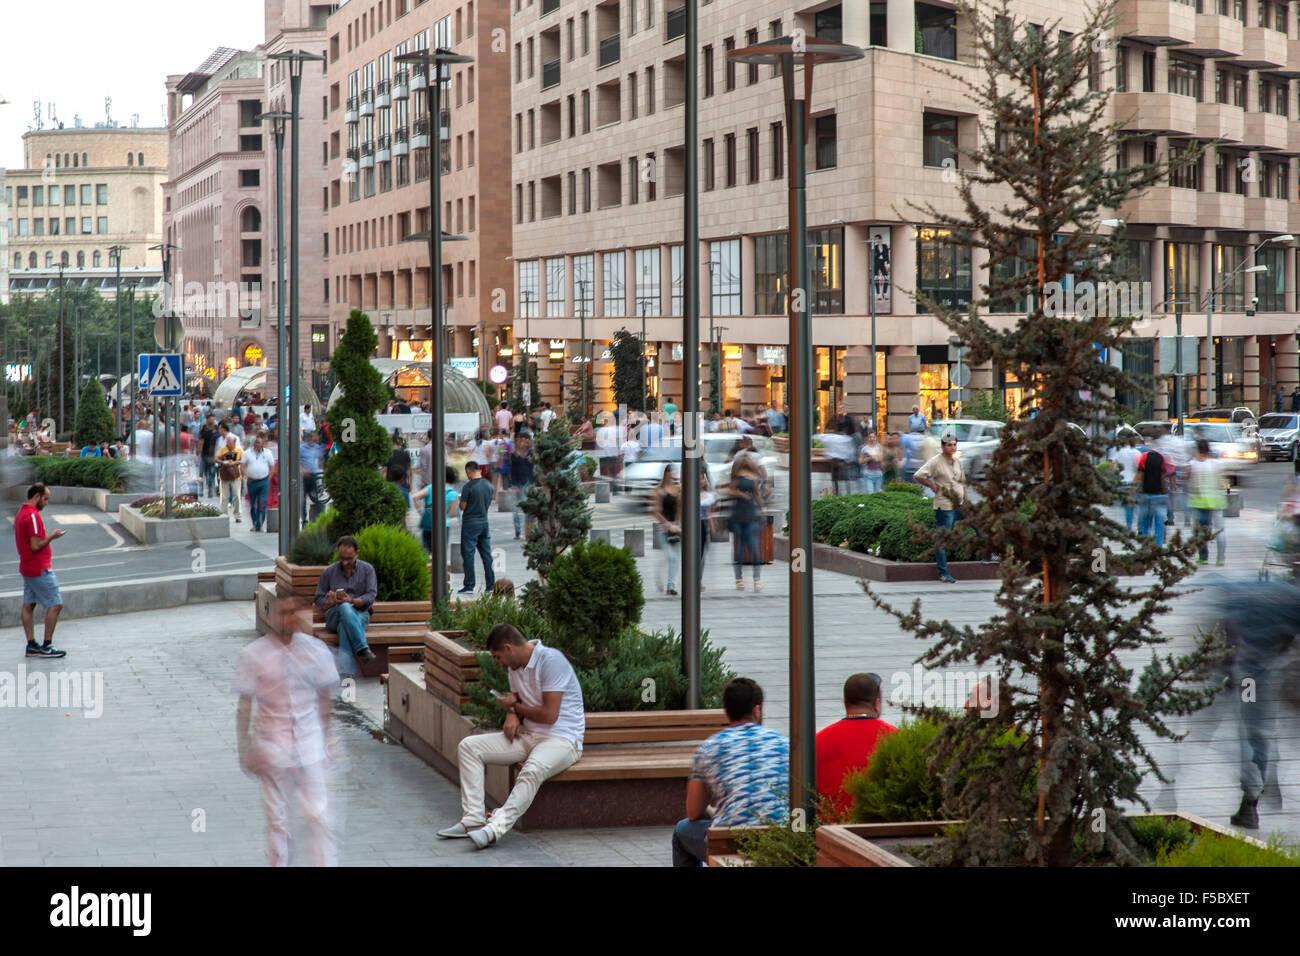 Los peatones caminando por la Avenida Norte, una calle peatonal en Ereván, la capital de Armenia. Foto de stock